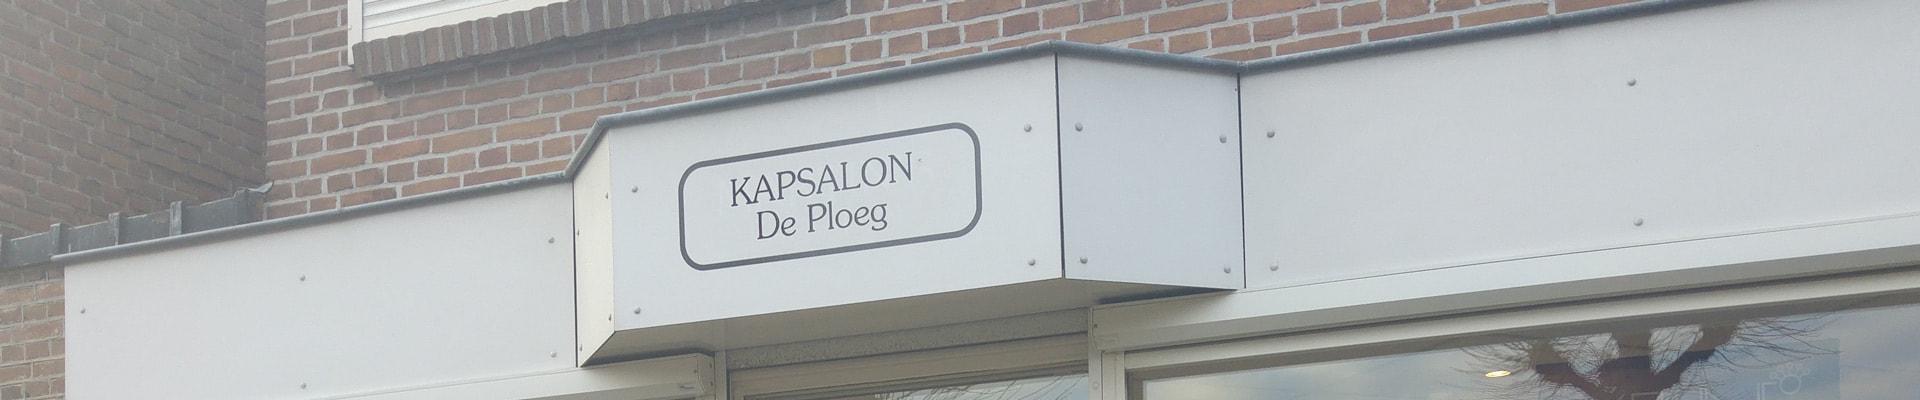 Kapsalon De Ploeg Breda